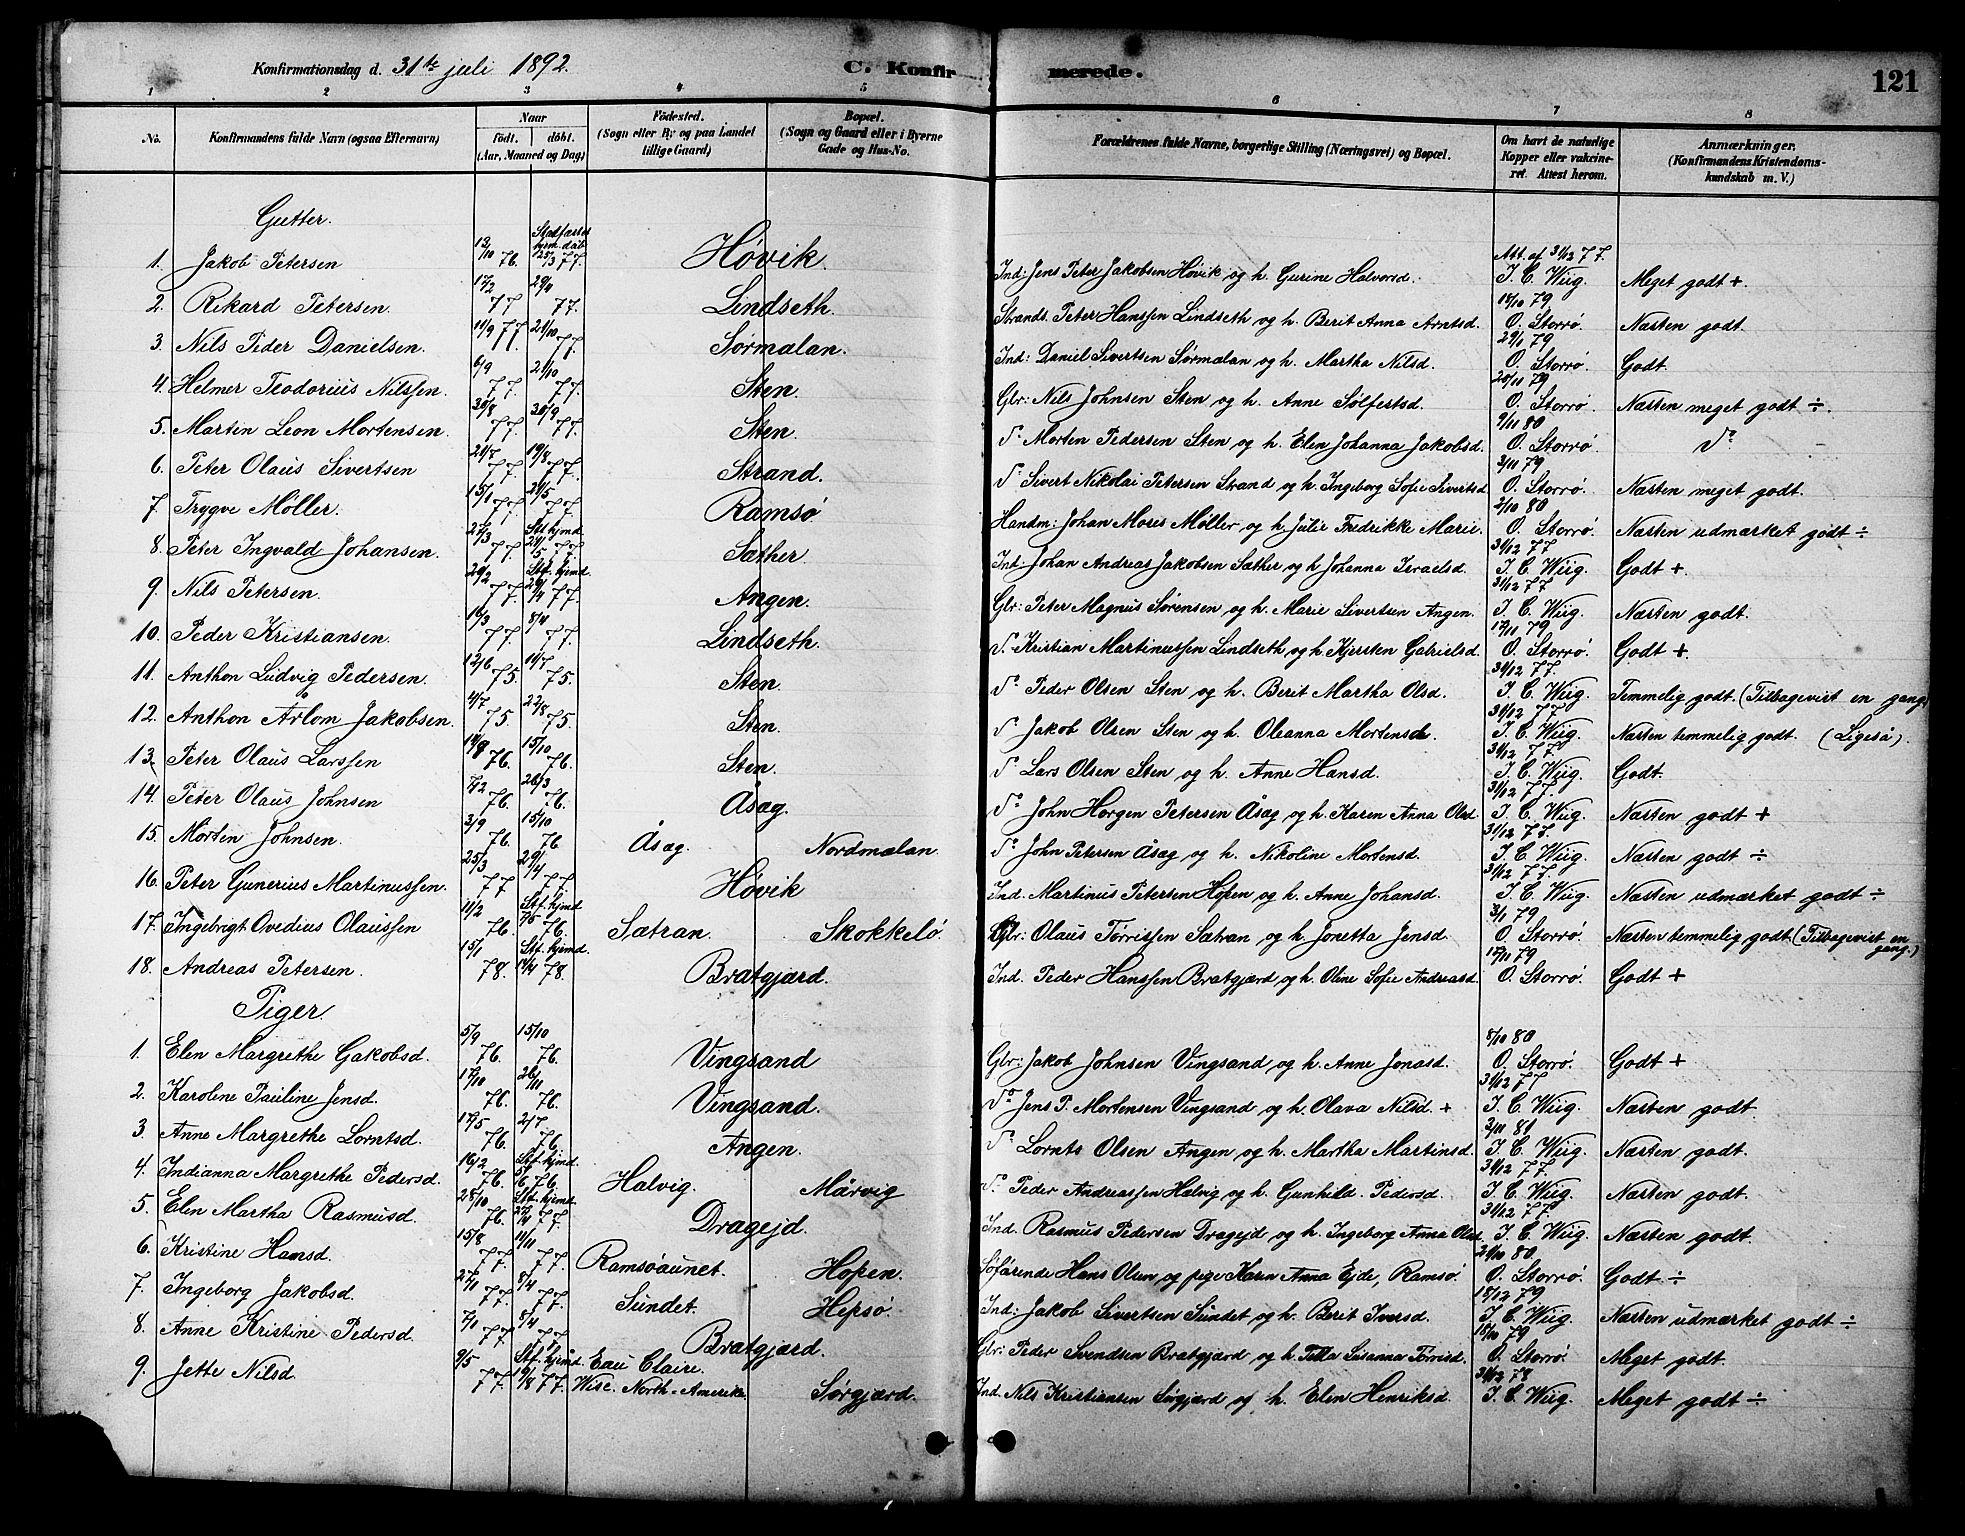 SAT, Ministerialprotokoller, klokkerbøker og fødselsregistre - Sør-Trøndelag, 658/L0726: Klokkerbok nr. 658C02, 1883-1908, s. 121